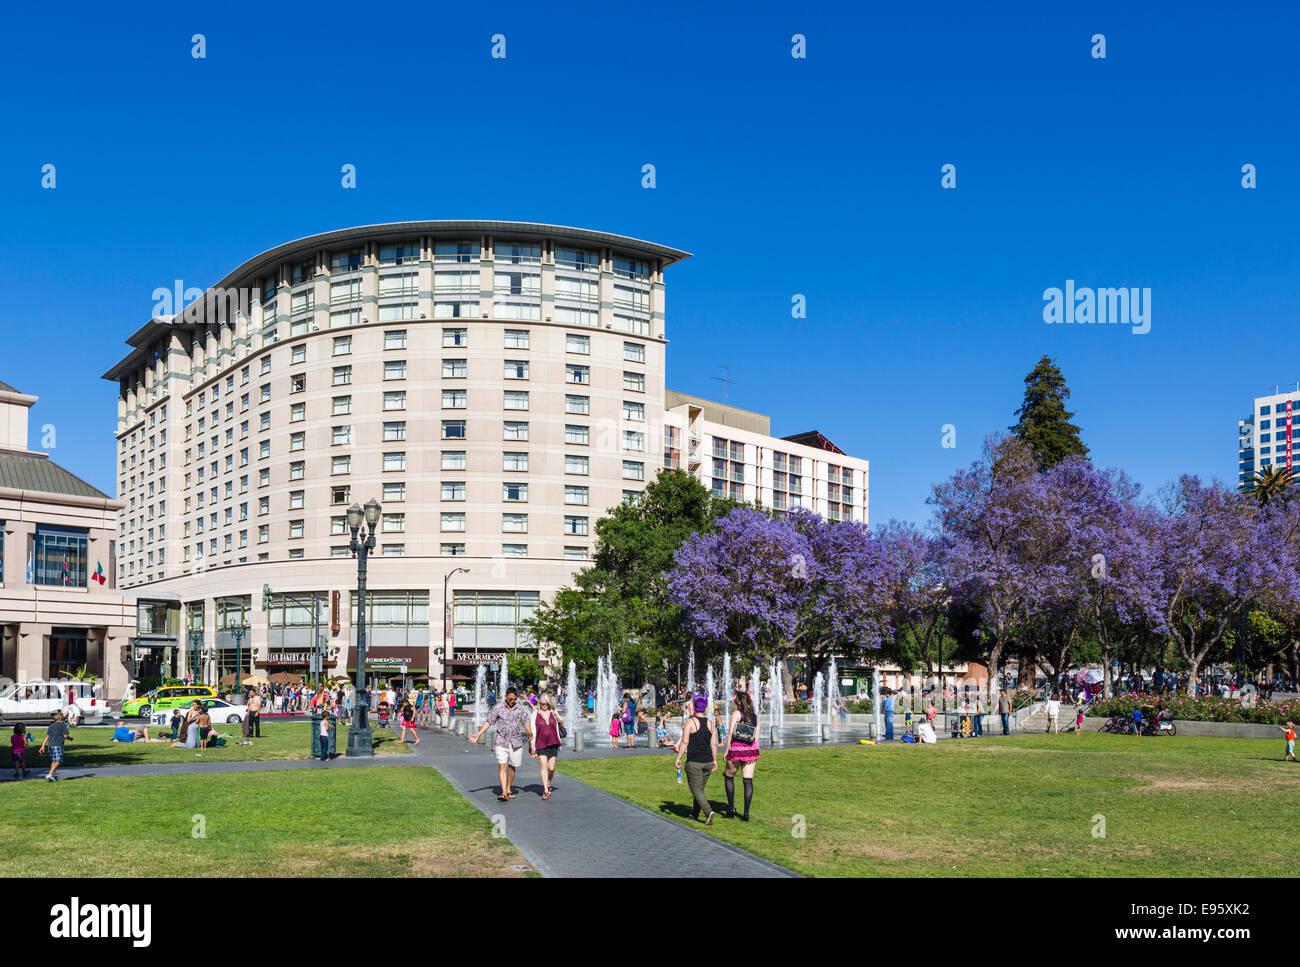 Plaza de César Chávez en el centro de San José, Condado de Santa Clara, California, EE.UU. Imagen De Stock